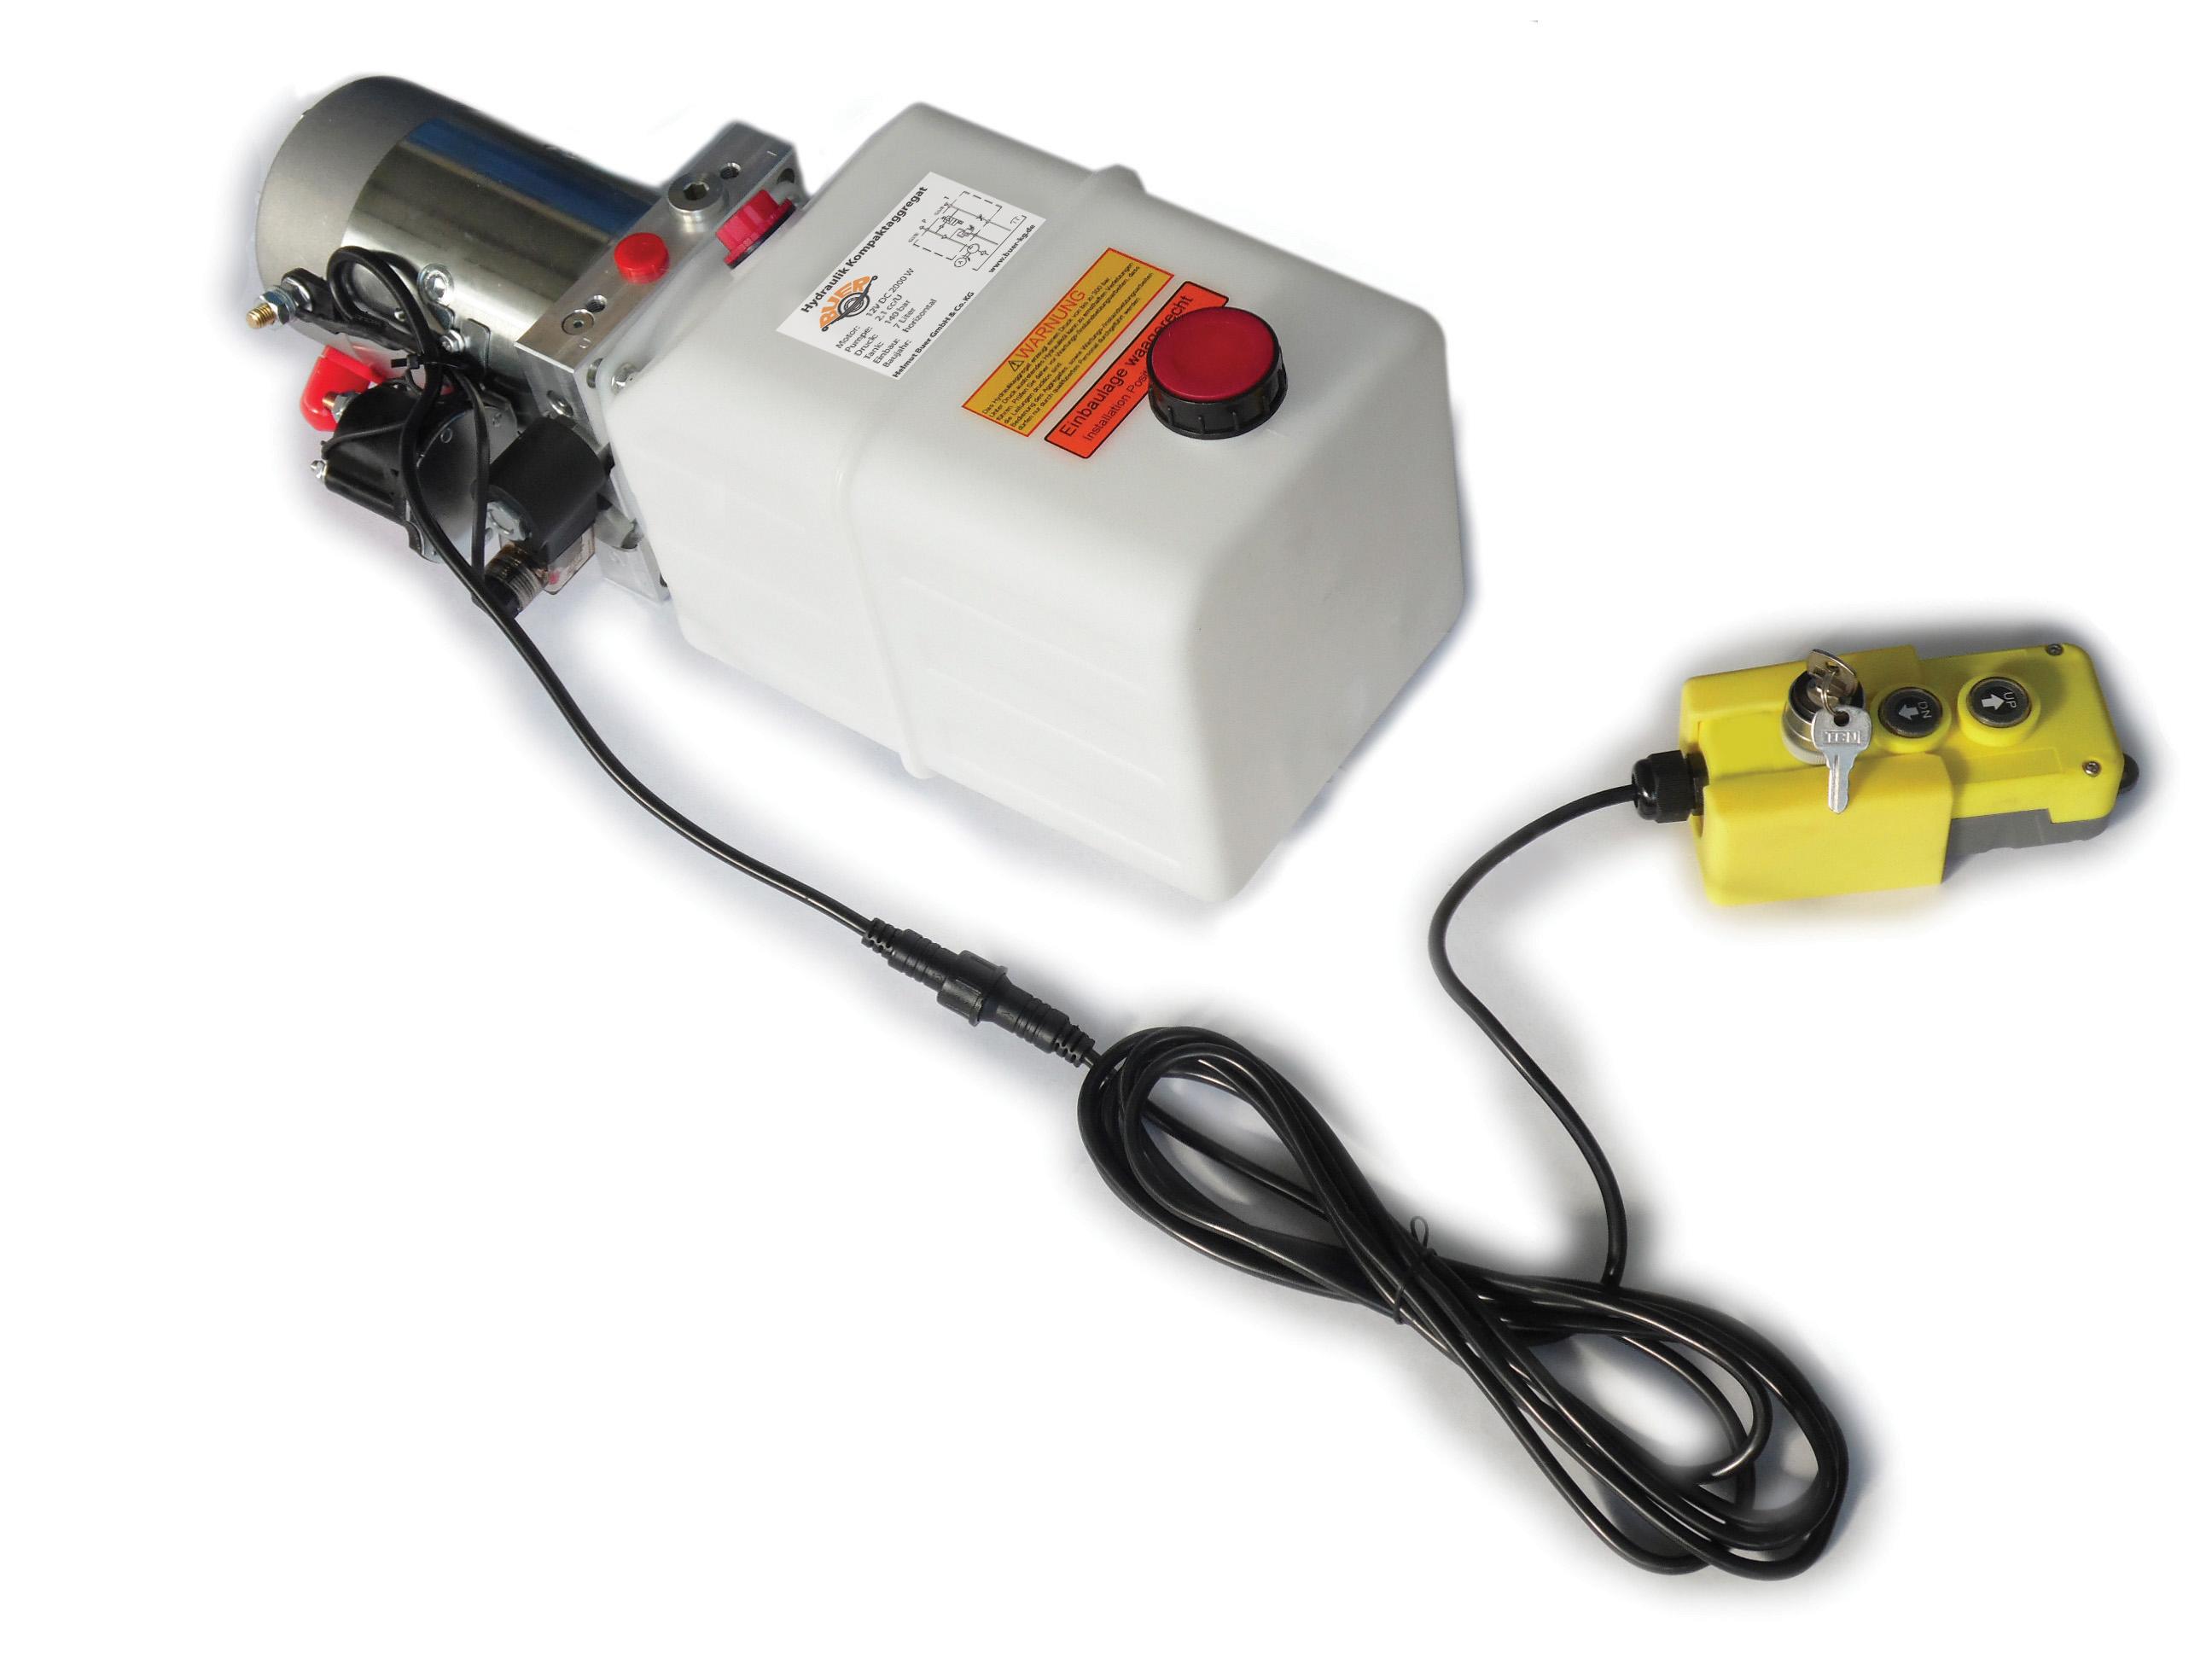 Hydraulikaggregat Hydraulikpumpe 12 V 180 bar 2000 Watt mit 7 Liter Tank